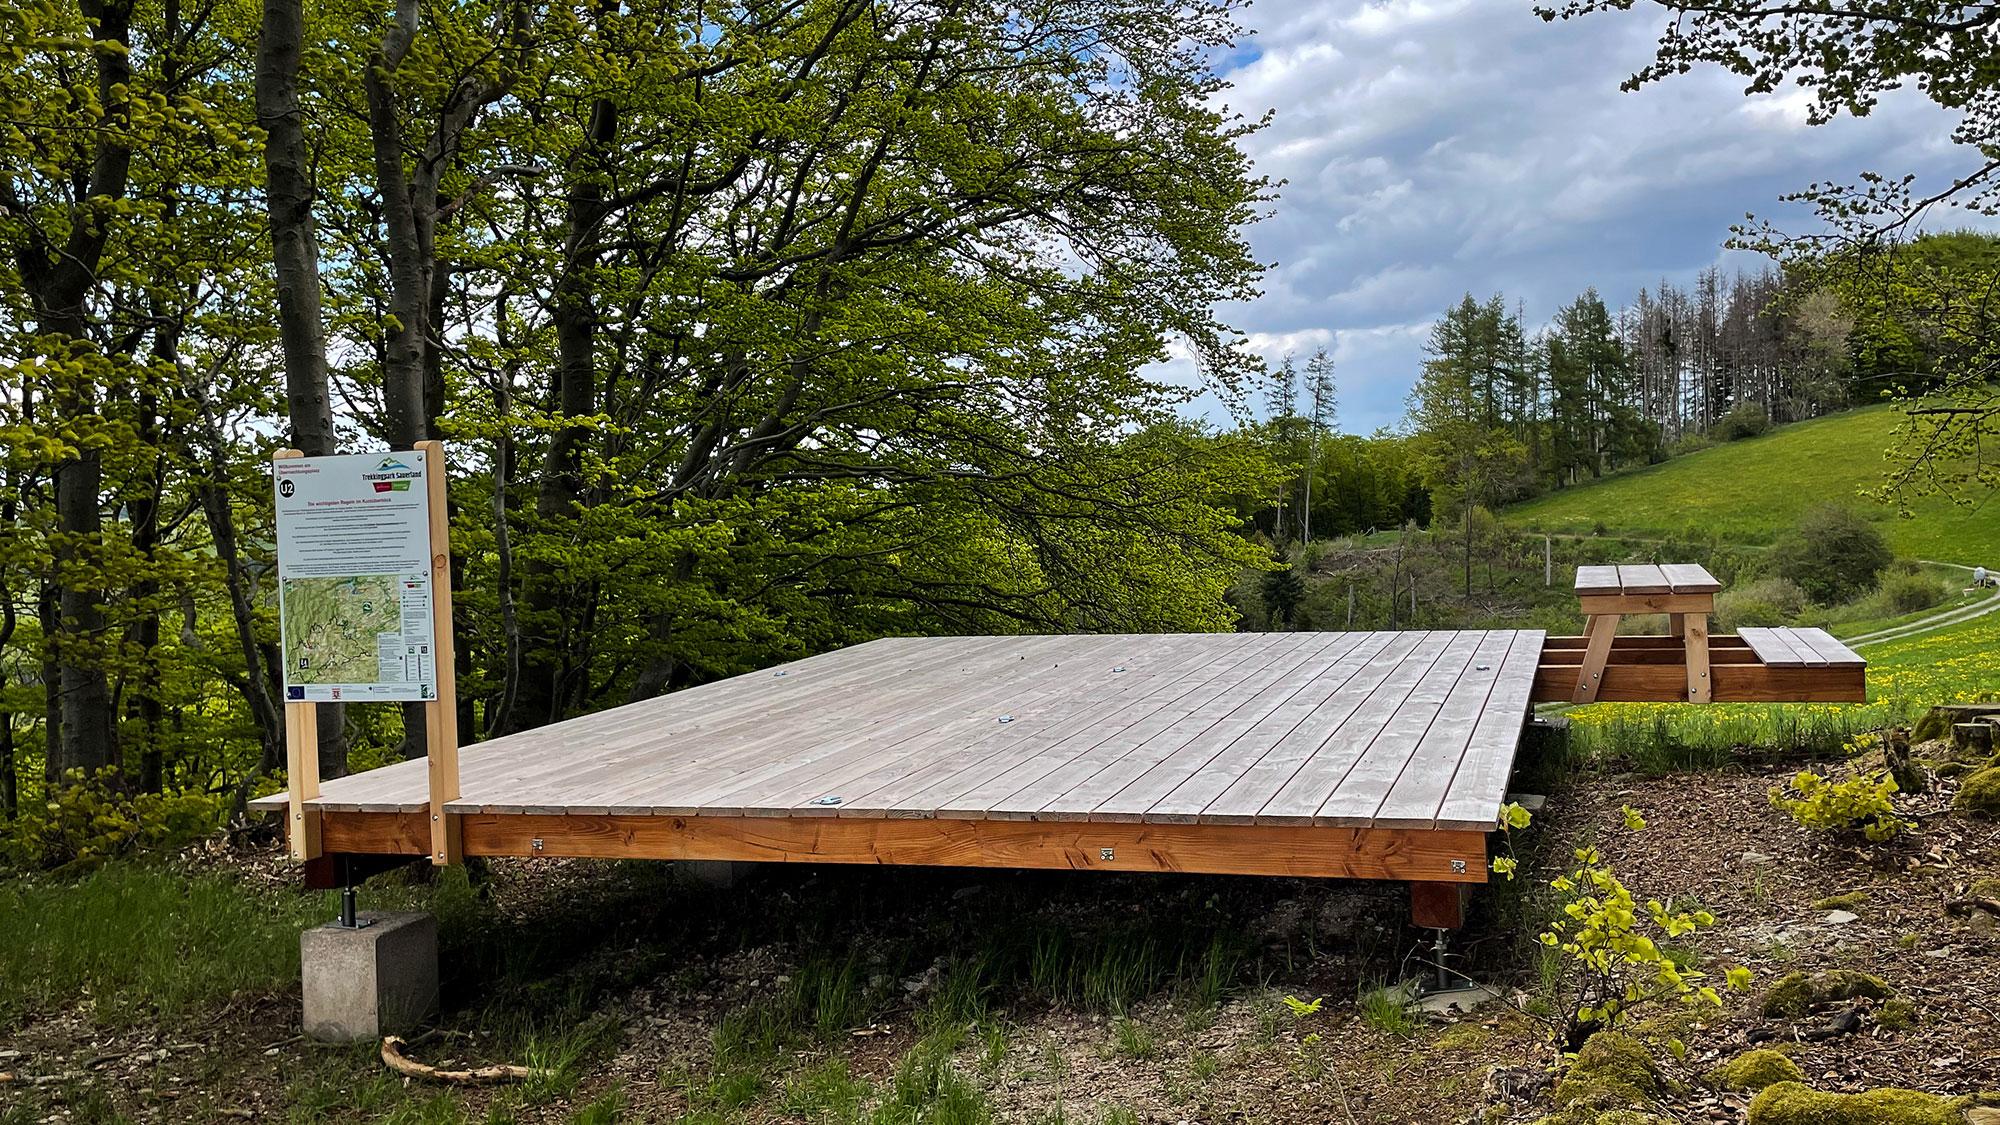 Holzplattform für Zelte am Trekkingplatz-Eimelrod